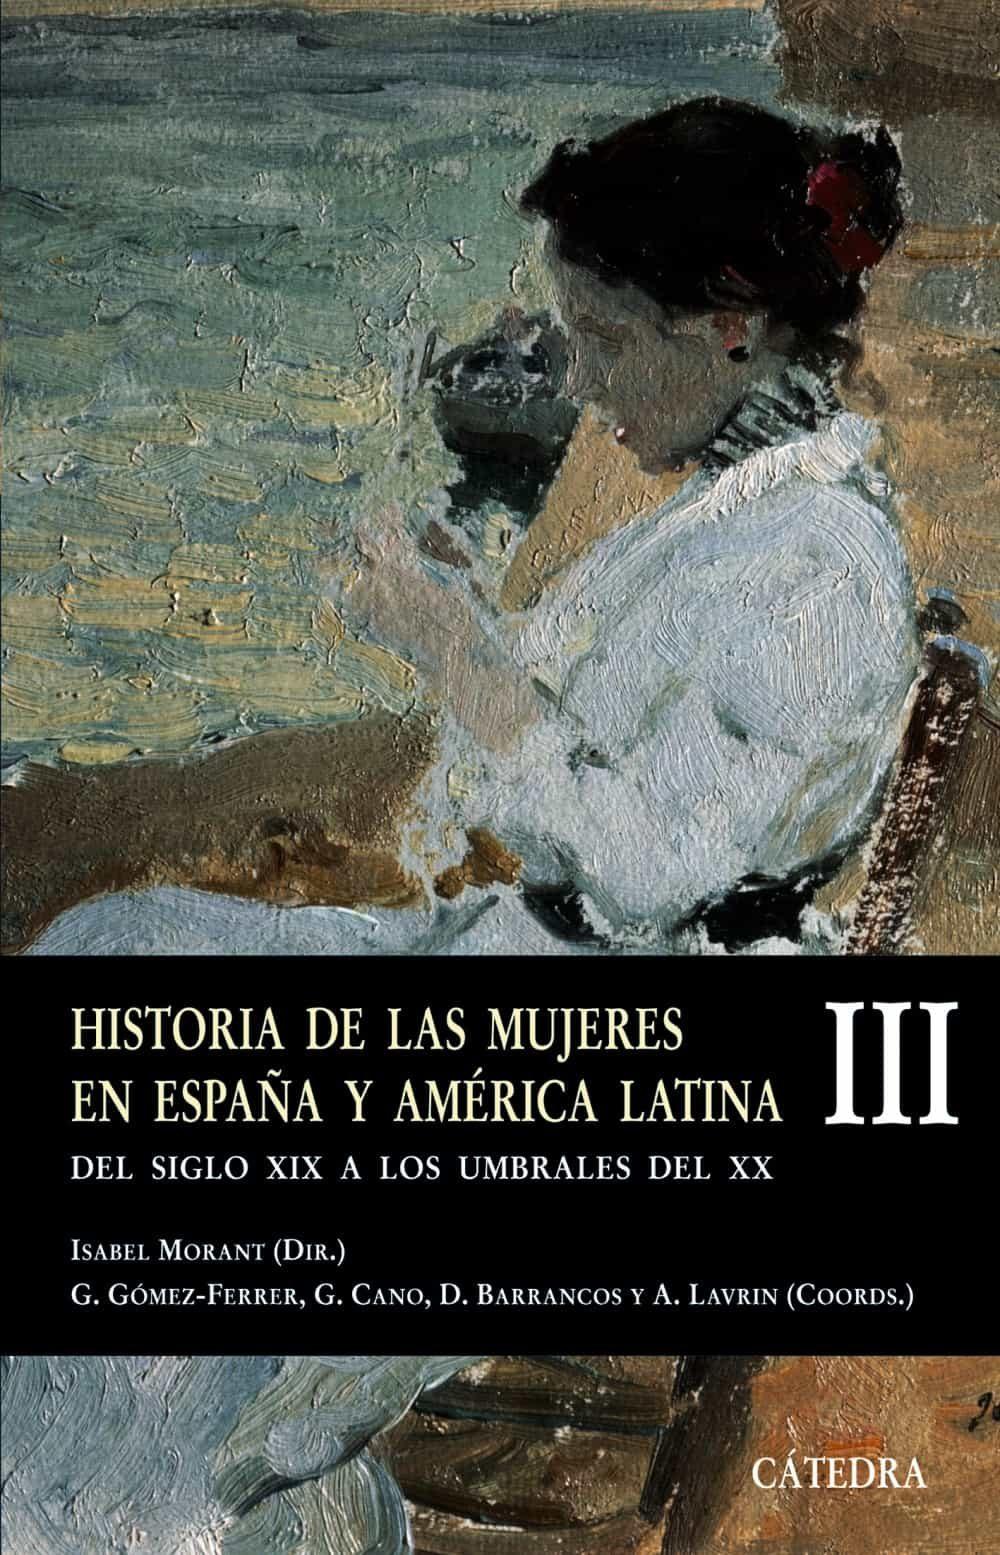 Historia De Las Mujeres En España Y America Latina (iii): Del Sig Lo Xix A Los Umbrales Del Xx por Isabel Morant